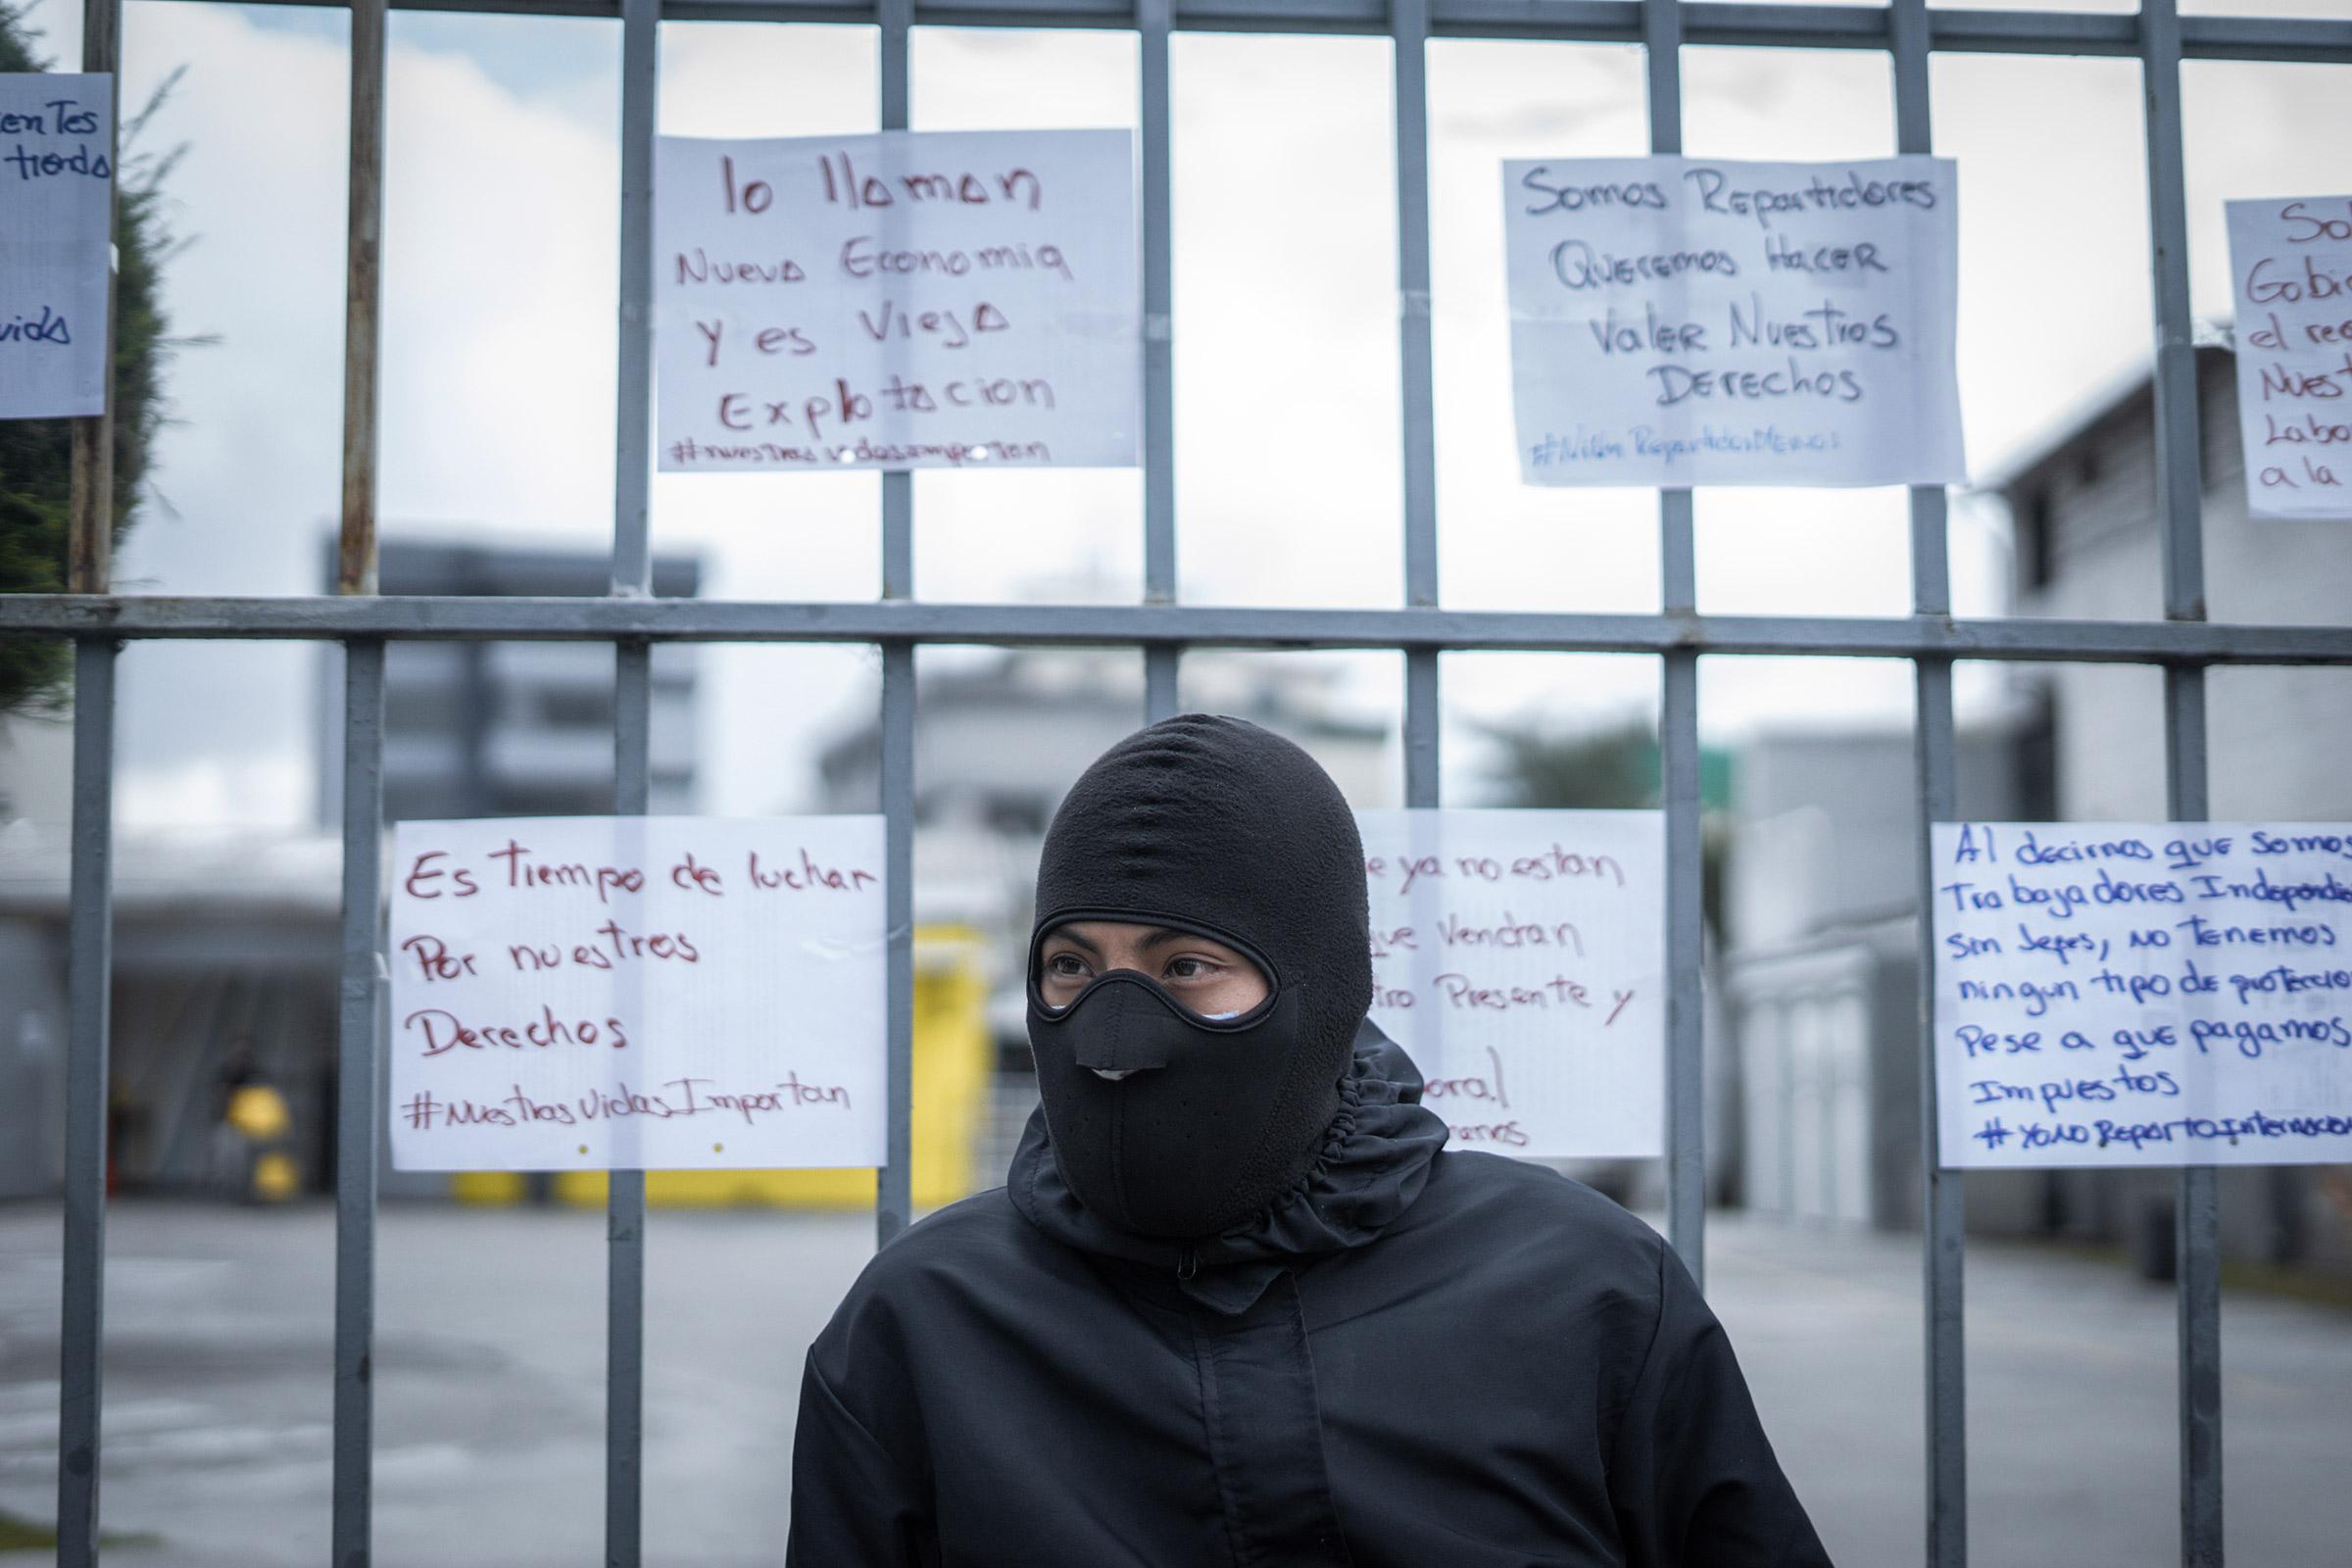 A driver attends a protest last April 22 in Quito, Ecuador.